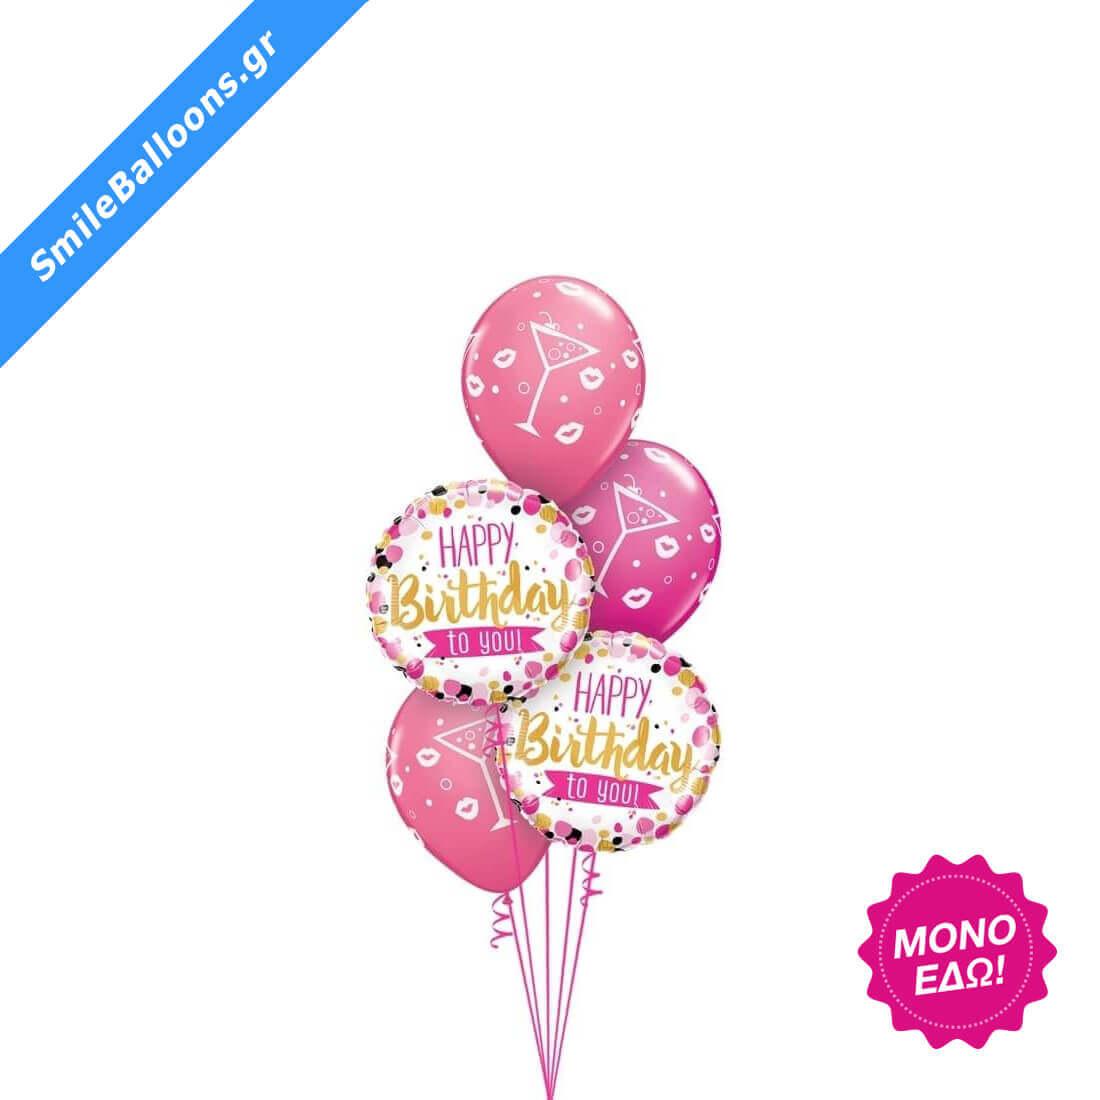 """Μπουκέτο μπαλονιών """"Classy Cosmo Birthday"""""""